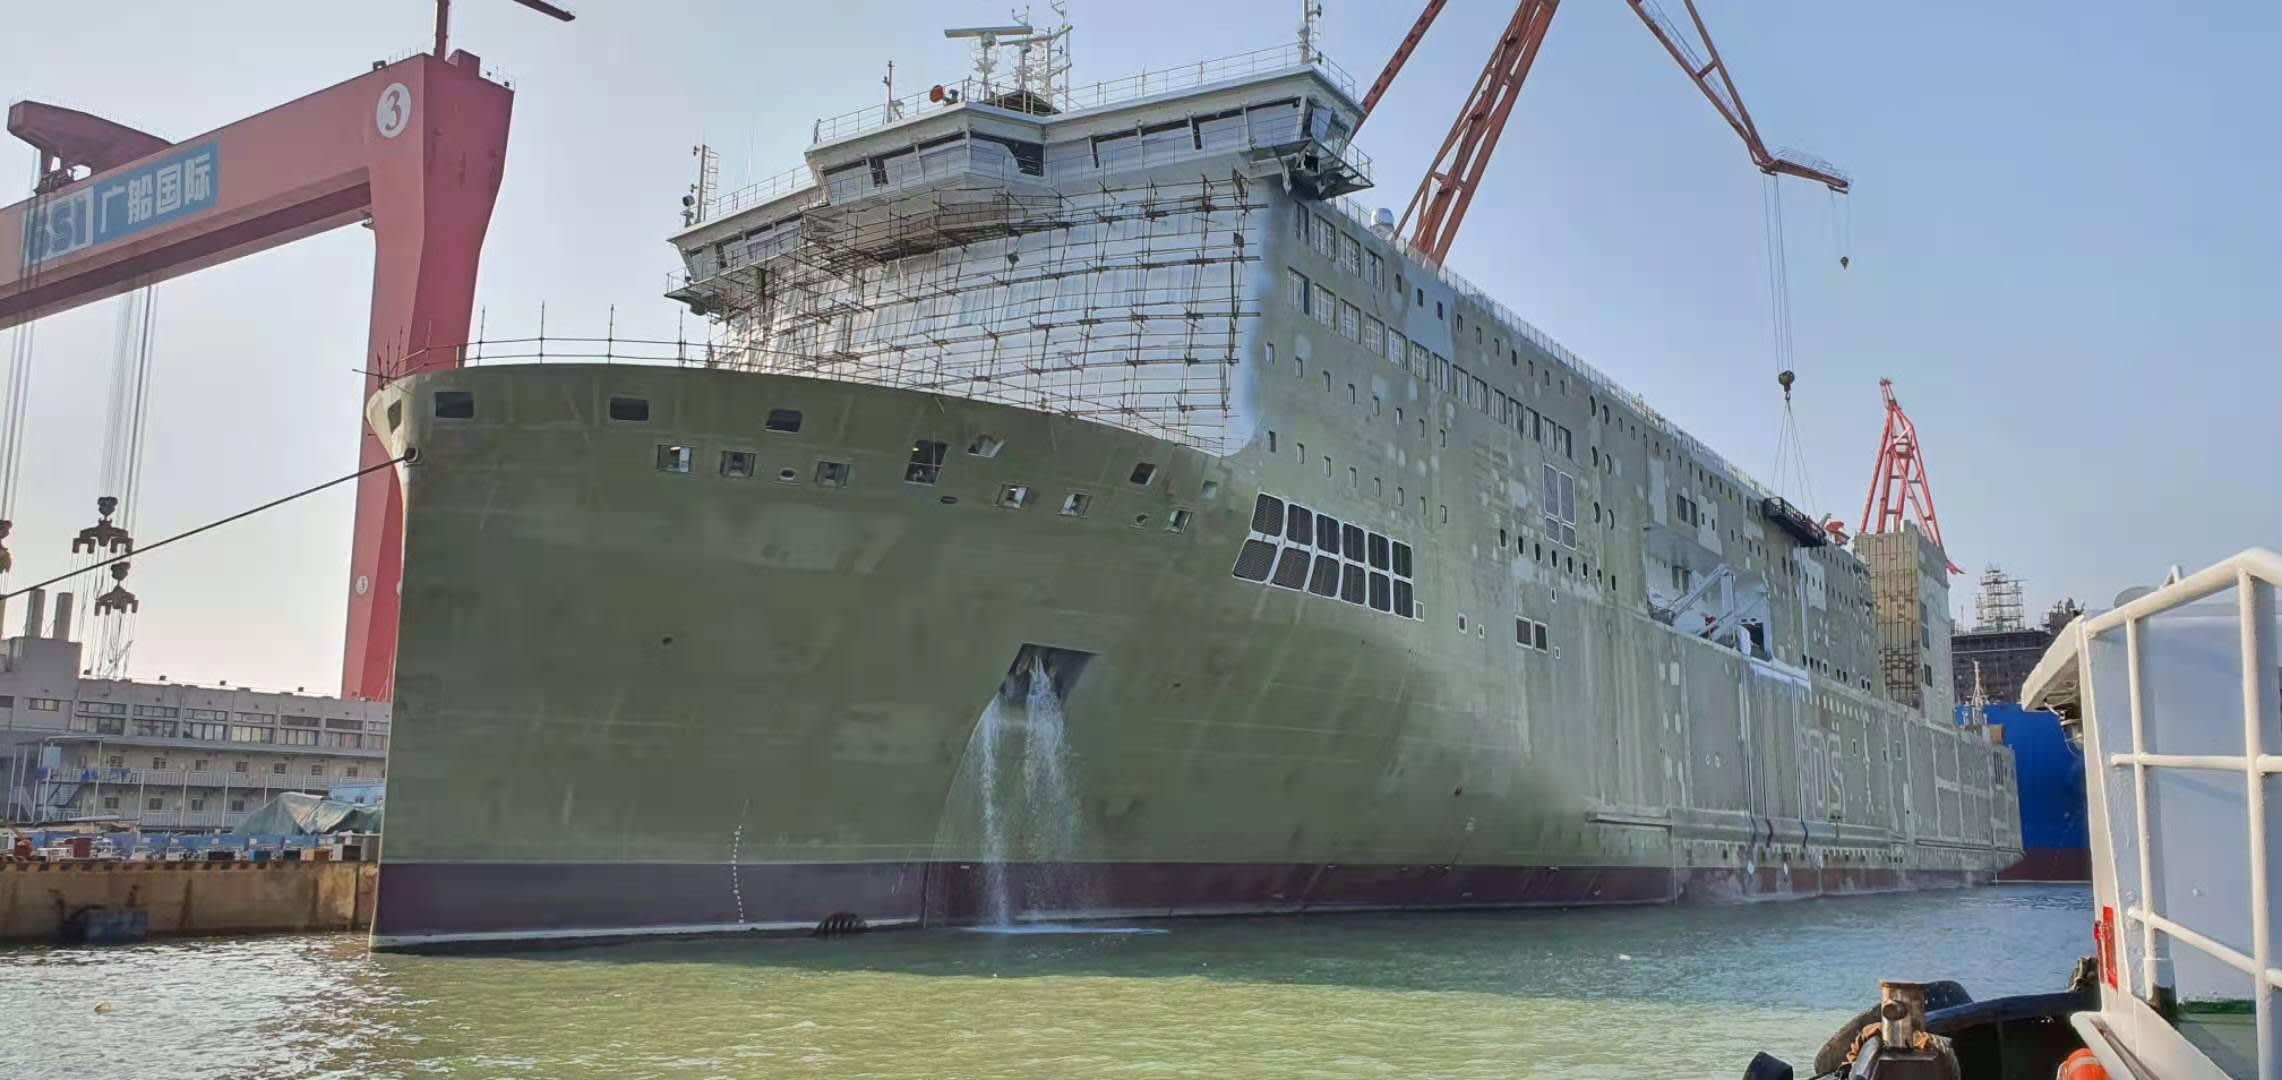 newbuilding for DFDS Baltics